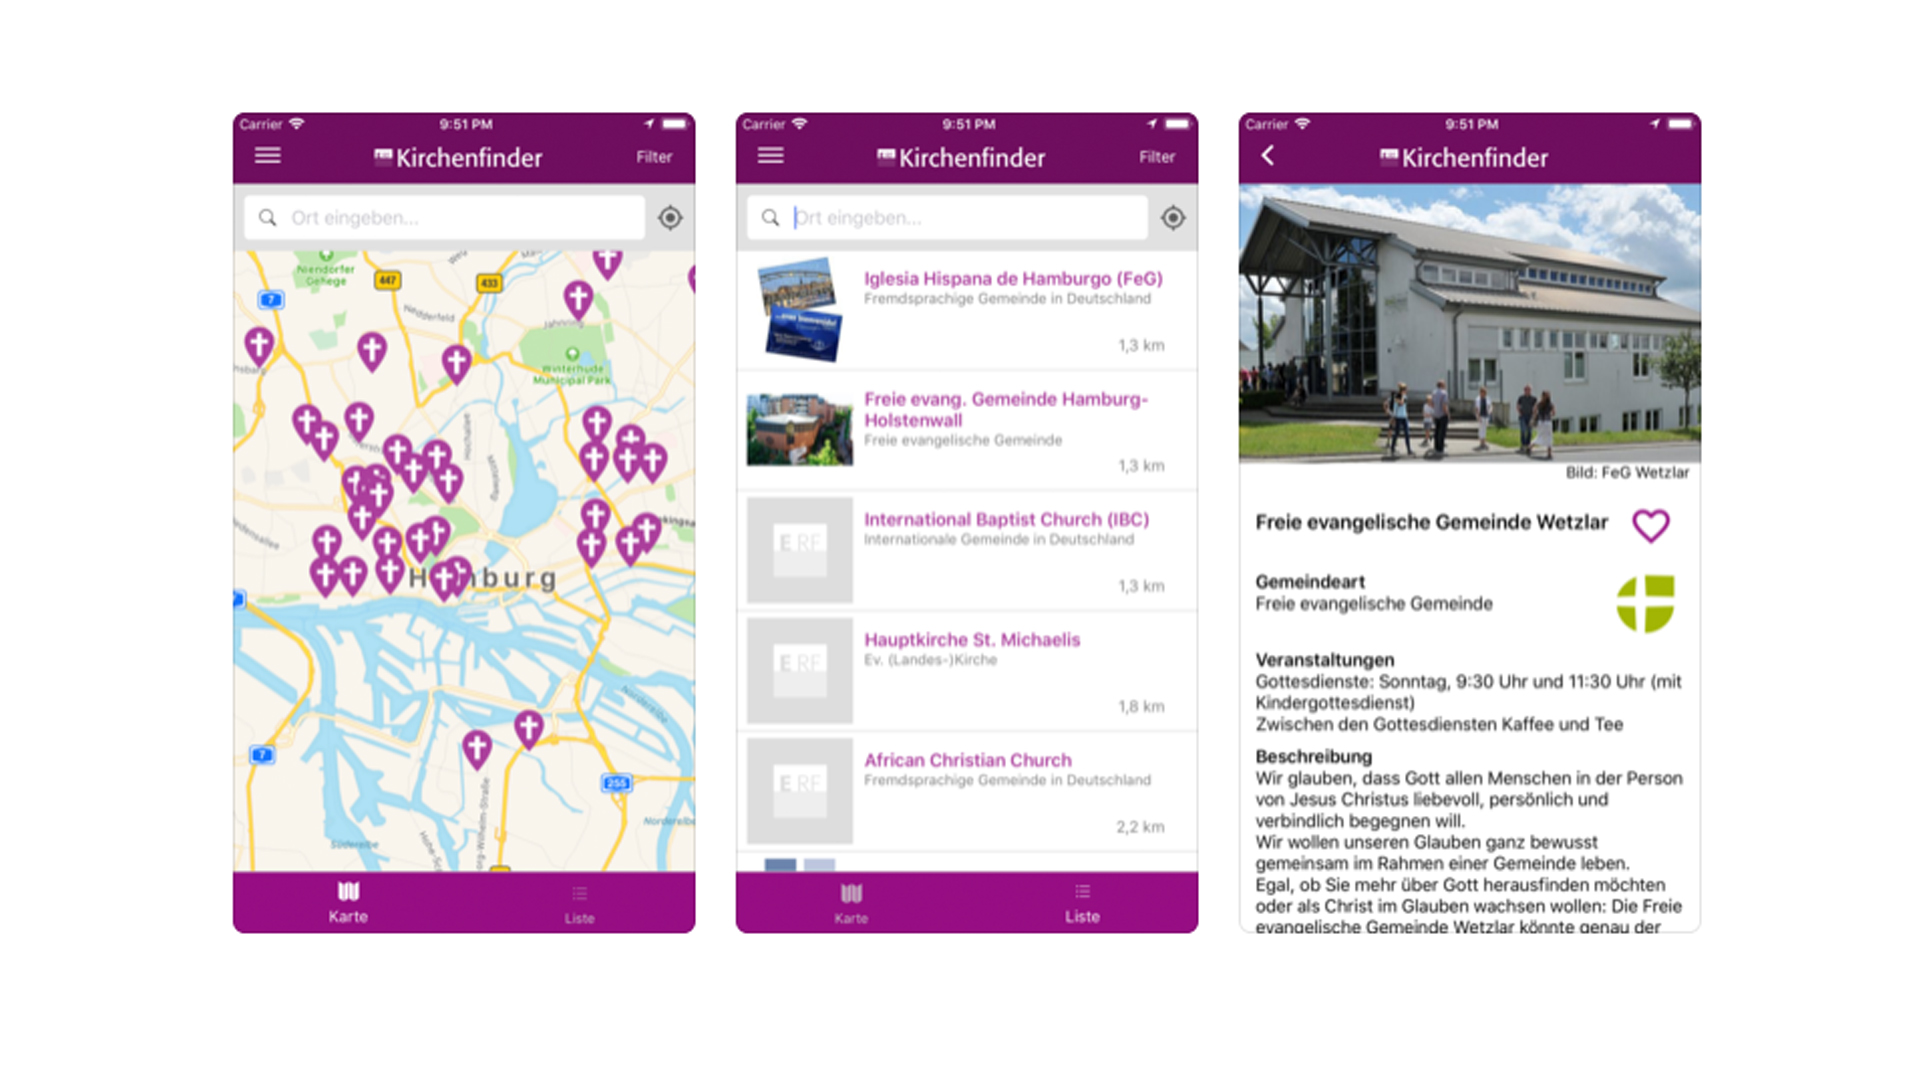 Auf digitalem Weg in die Kirche: ERF Medien hat eine Kirchenfinder-App entwickelt mit Informationen zu Gemeinden und Gottesdienstzeiten